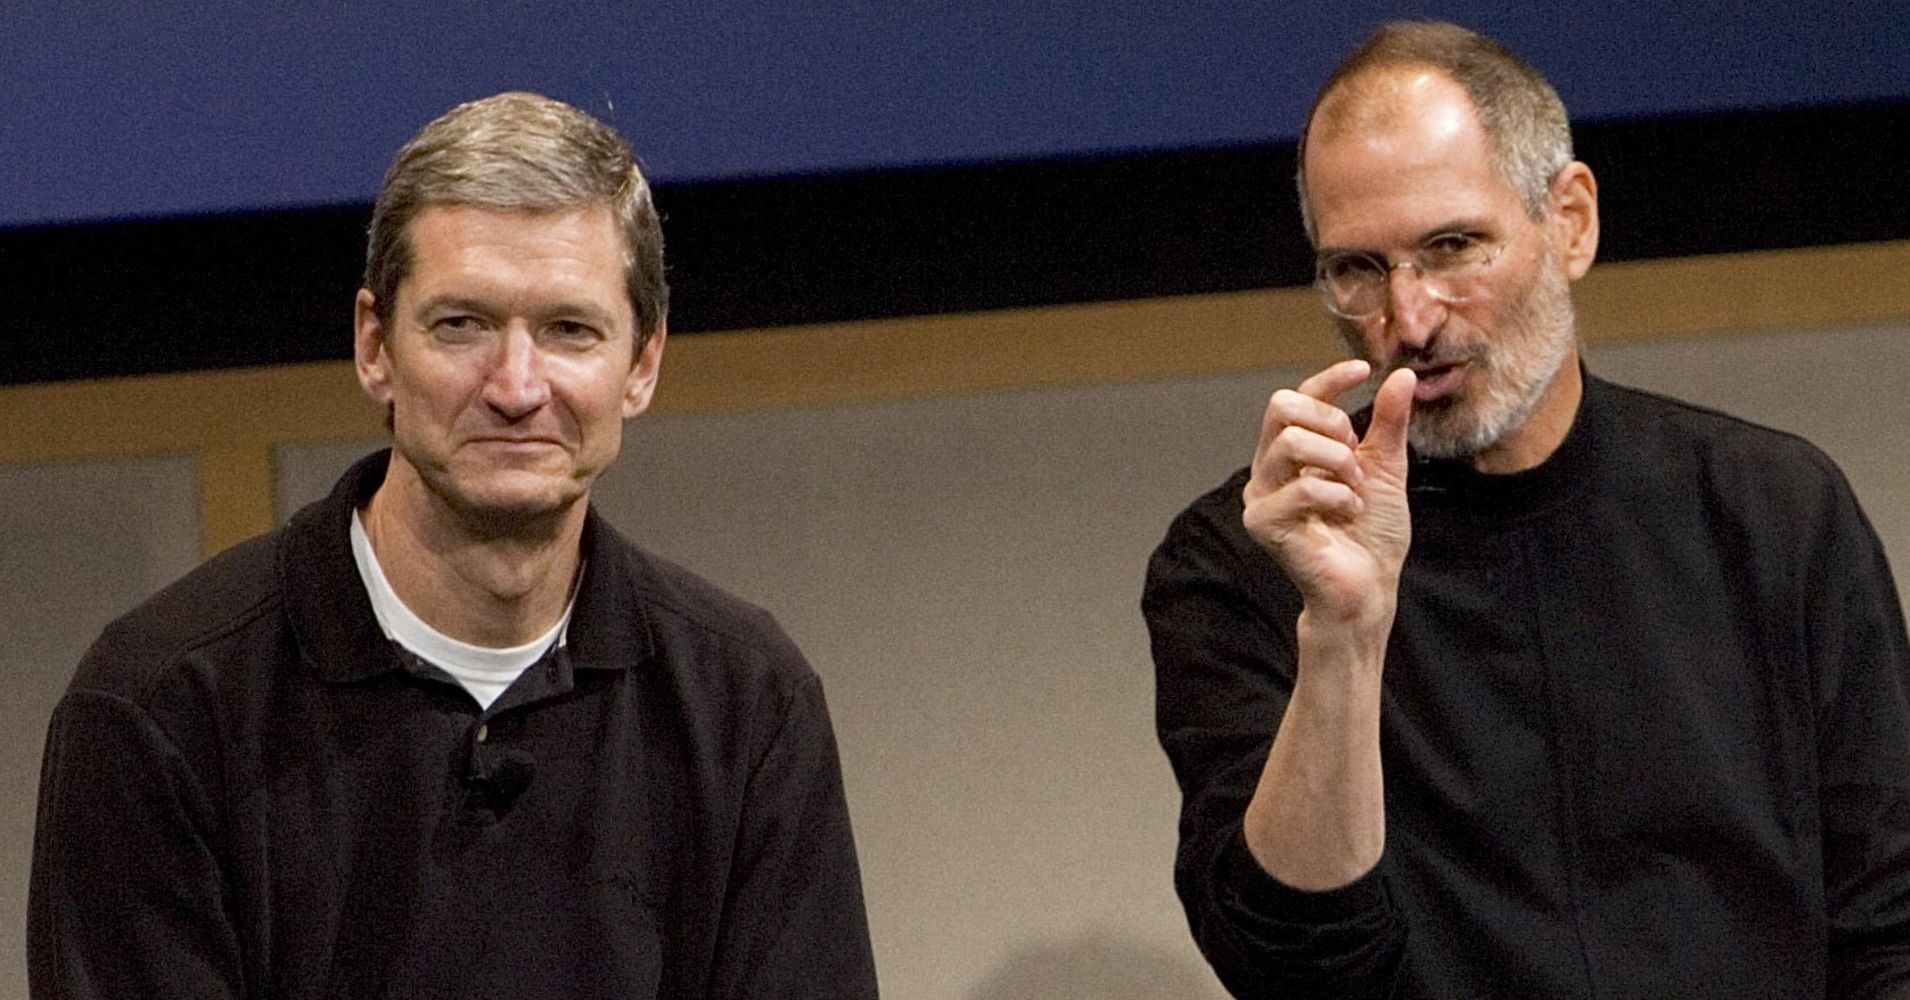 10 sự thật ngã ngửa về Apple: Nhìn đâu cũng ra phốt của các lãnh đạo ngoại trừ cái cuối cùng - Ảnh 7.